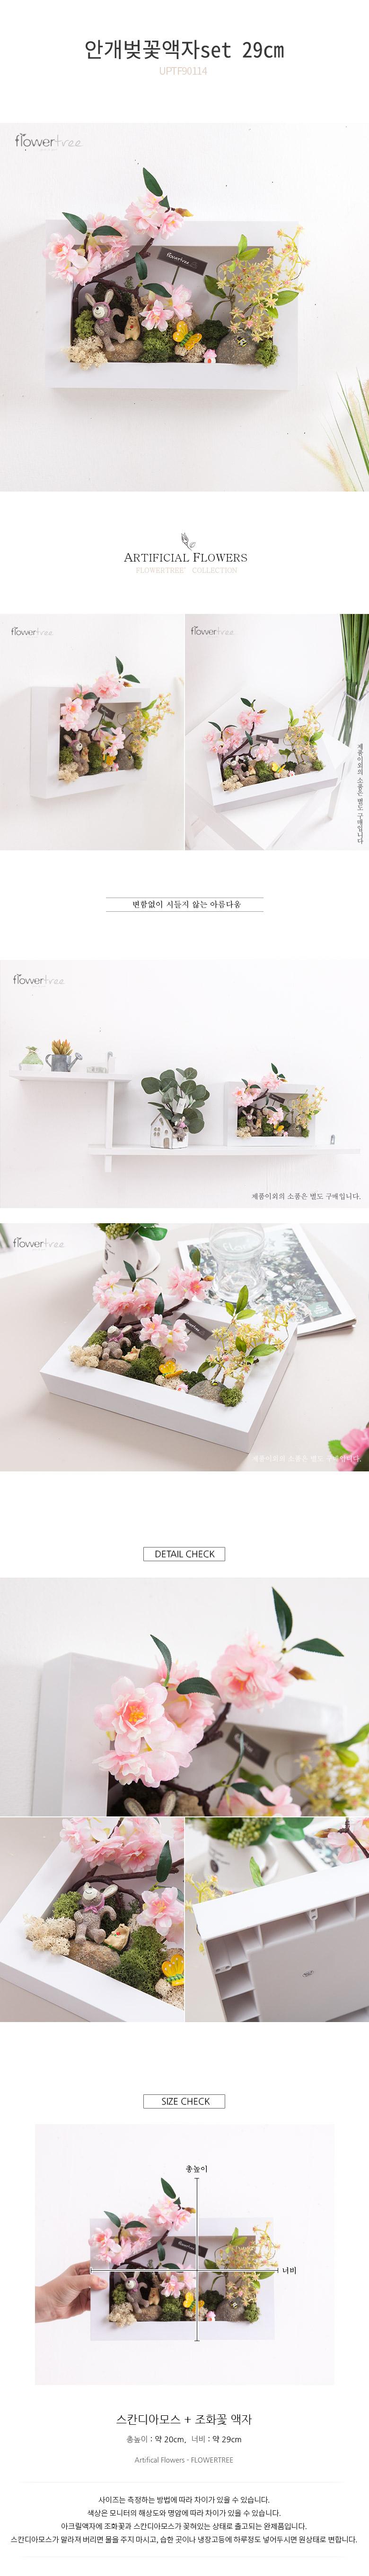 안개벚꽃액자set 29cmP - 플라워트리, 42,200원, 조화, 화분세트